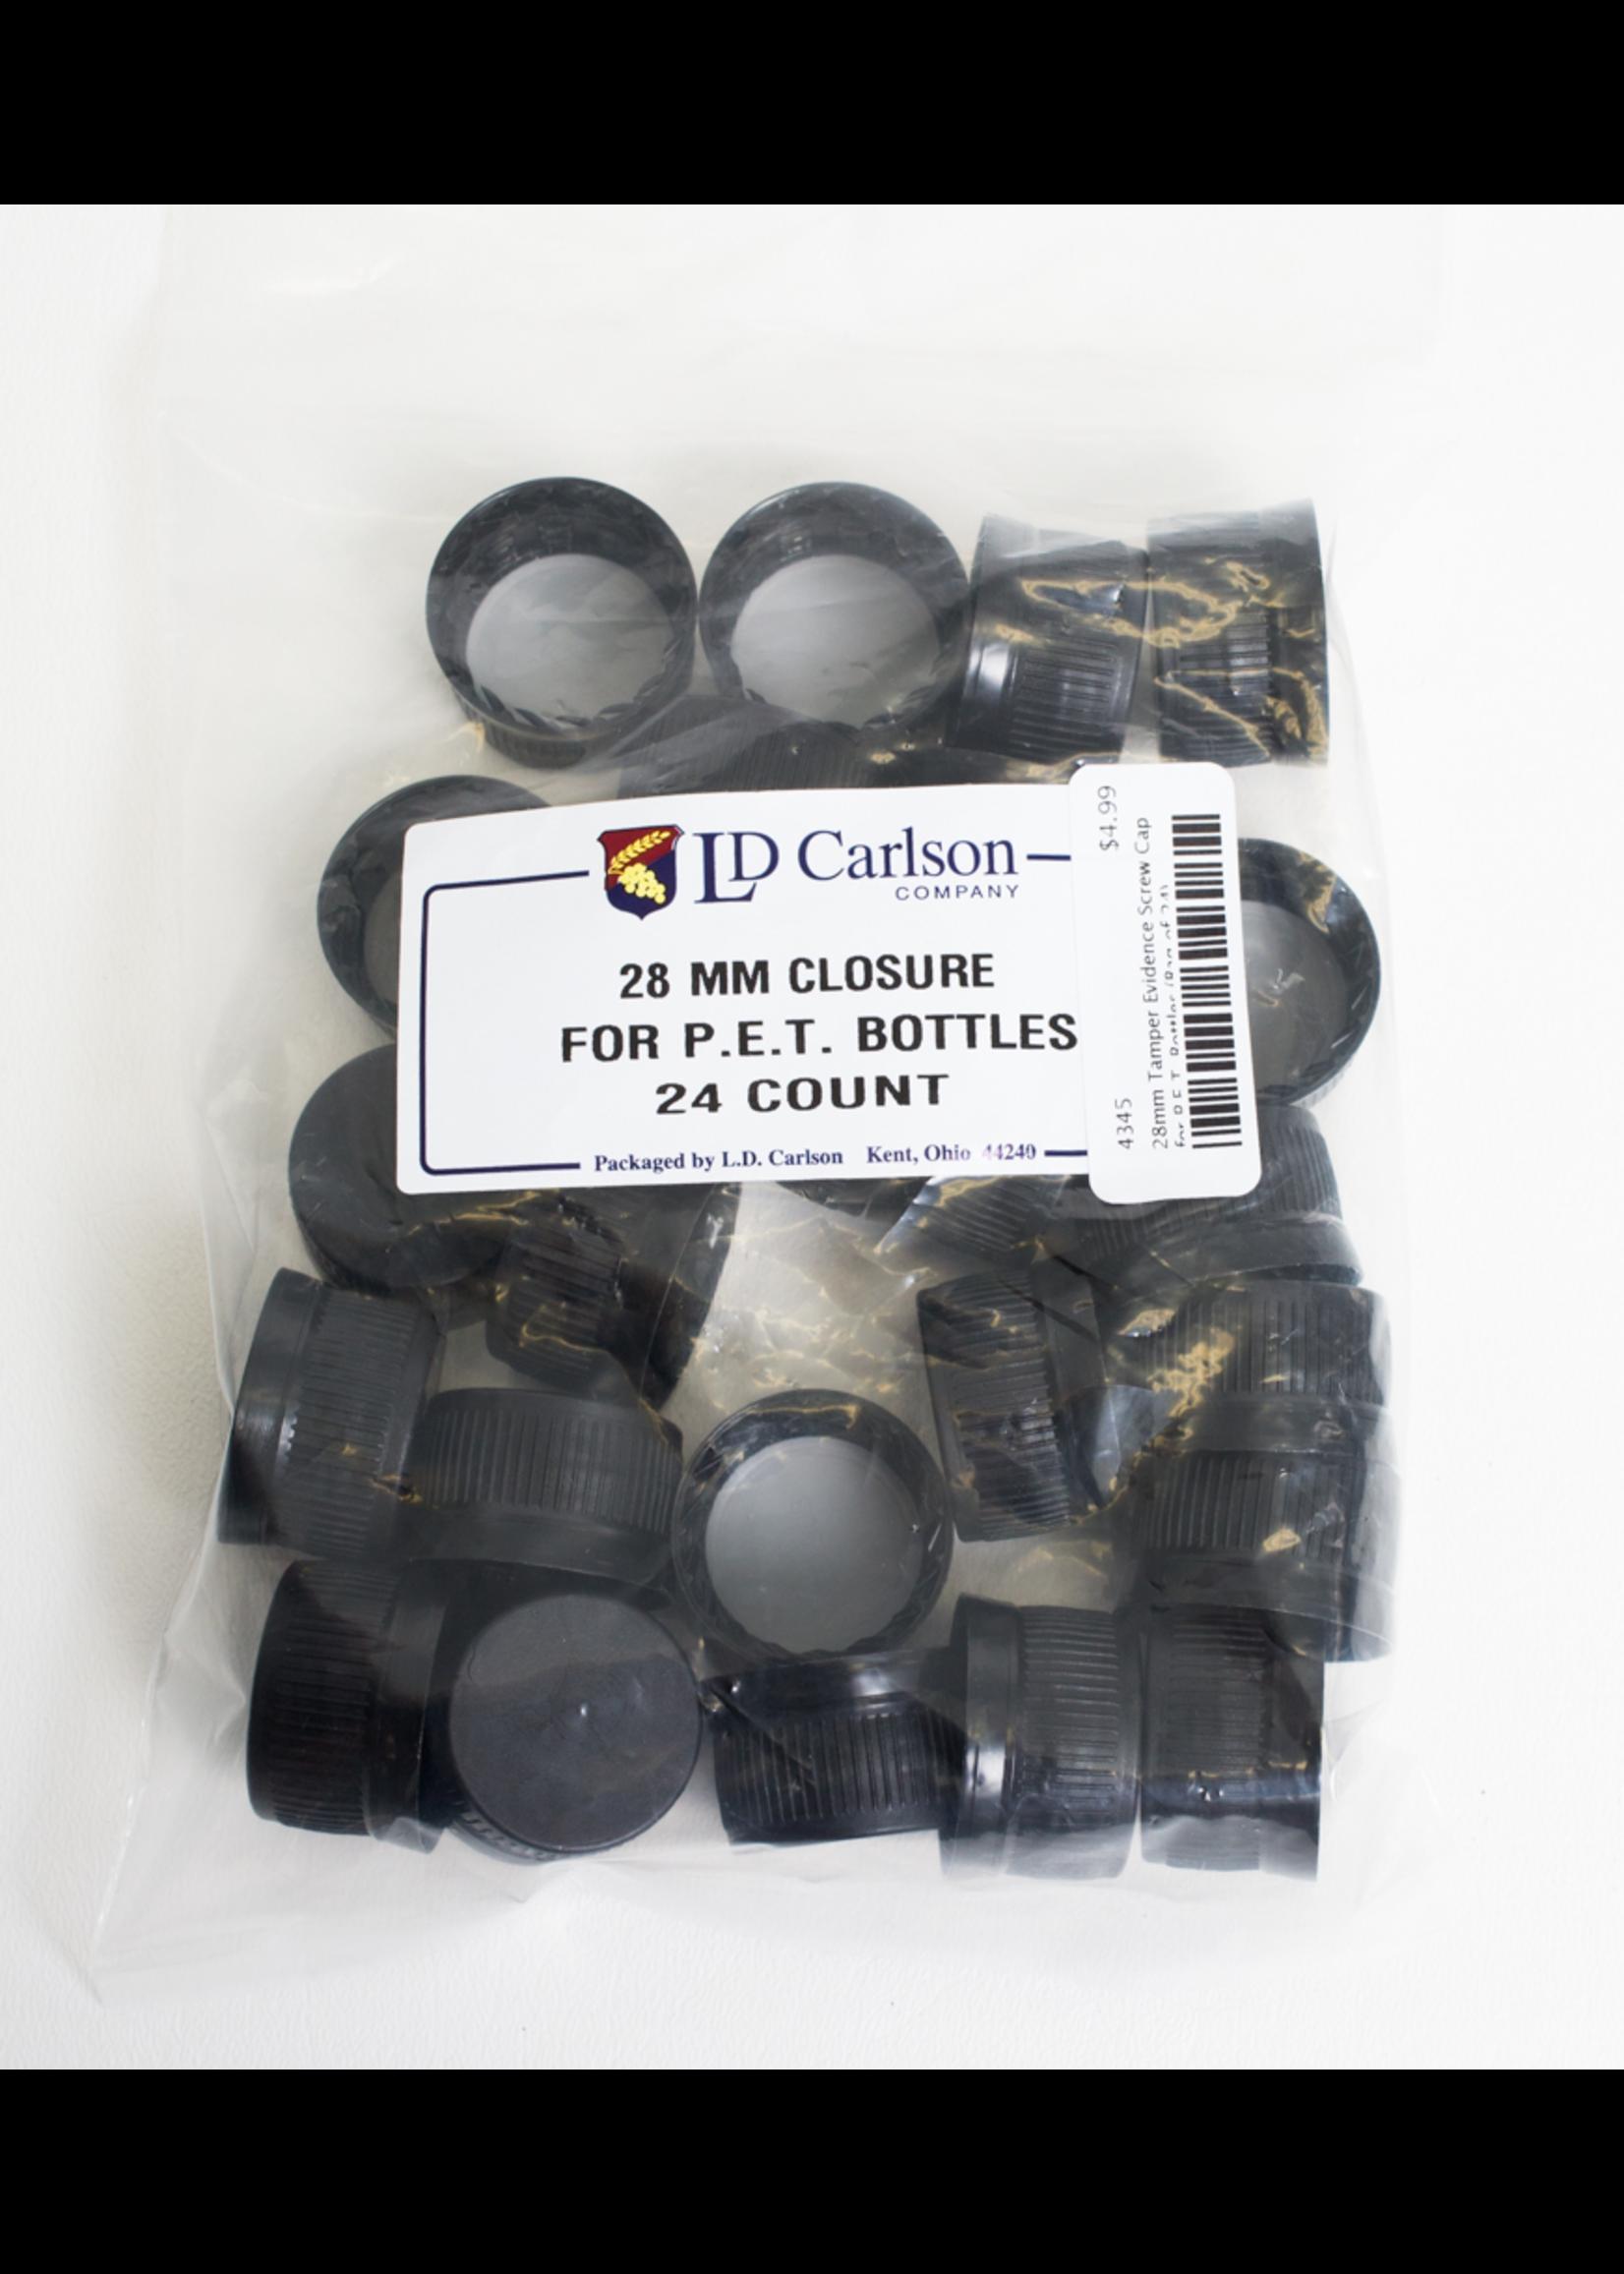 Racking/Bottling Screw Caps - 28 mm Tamper Evident for P.E.T. Bottles (24/bag)